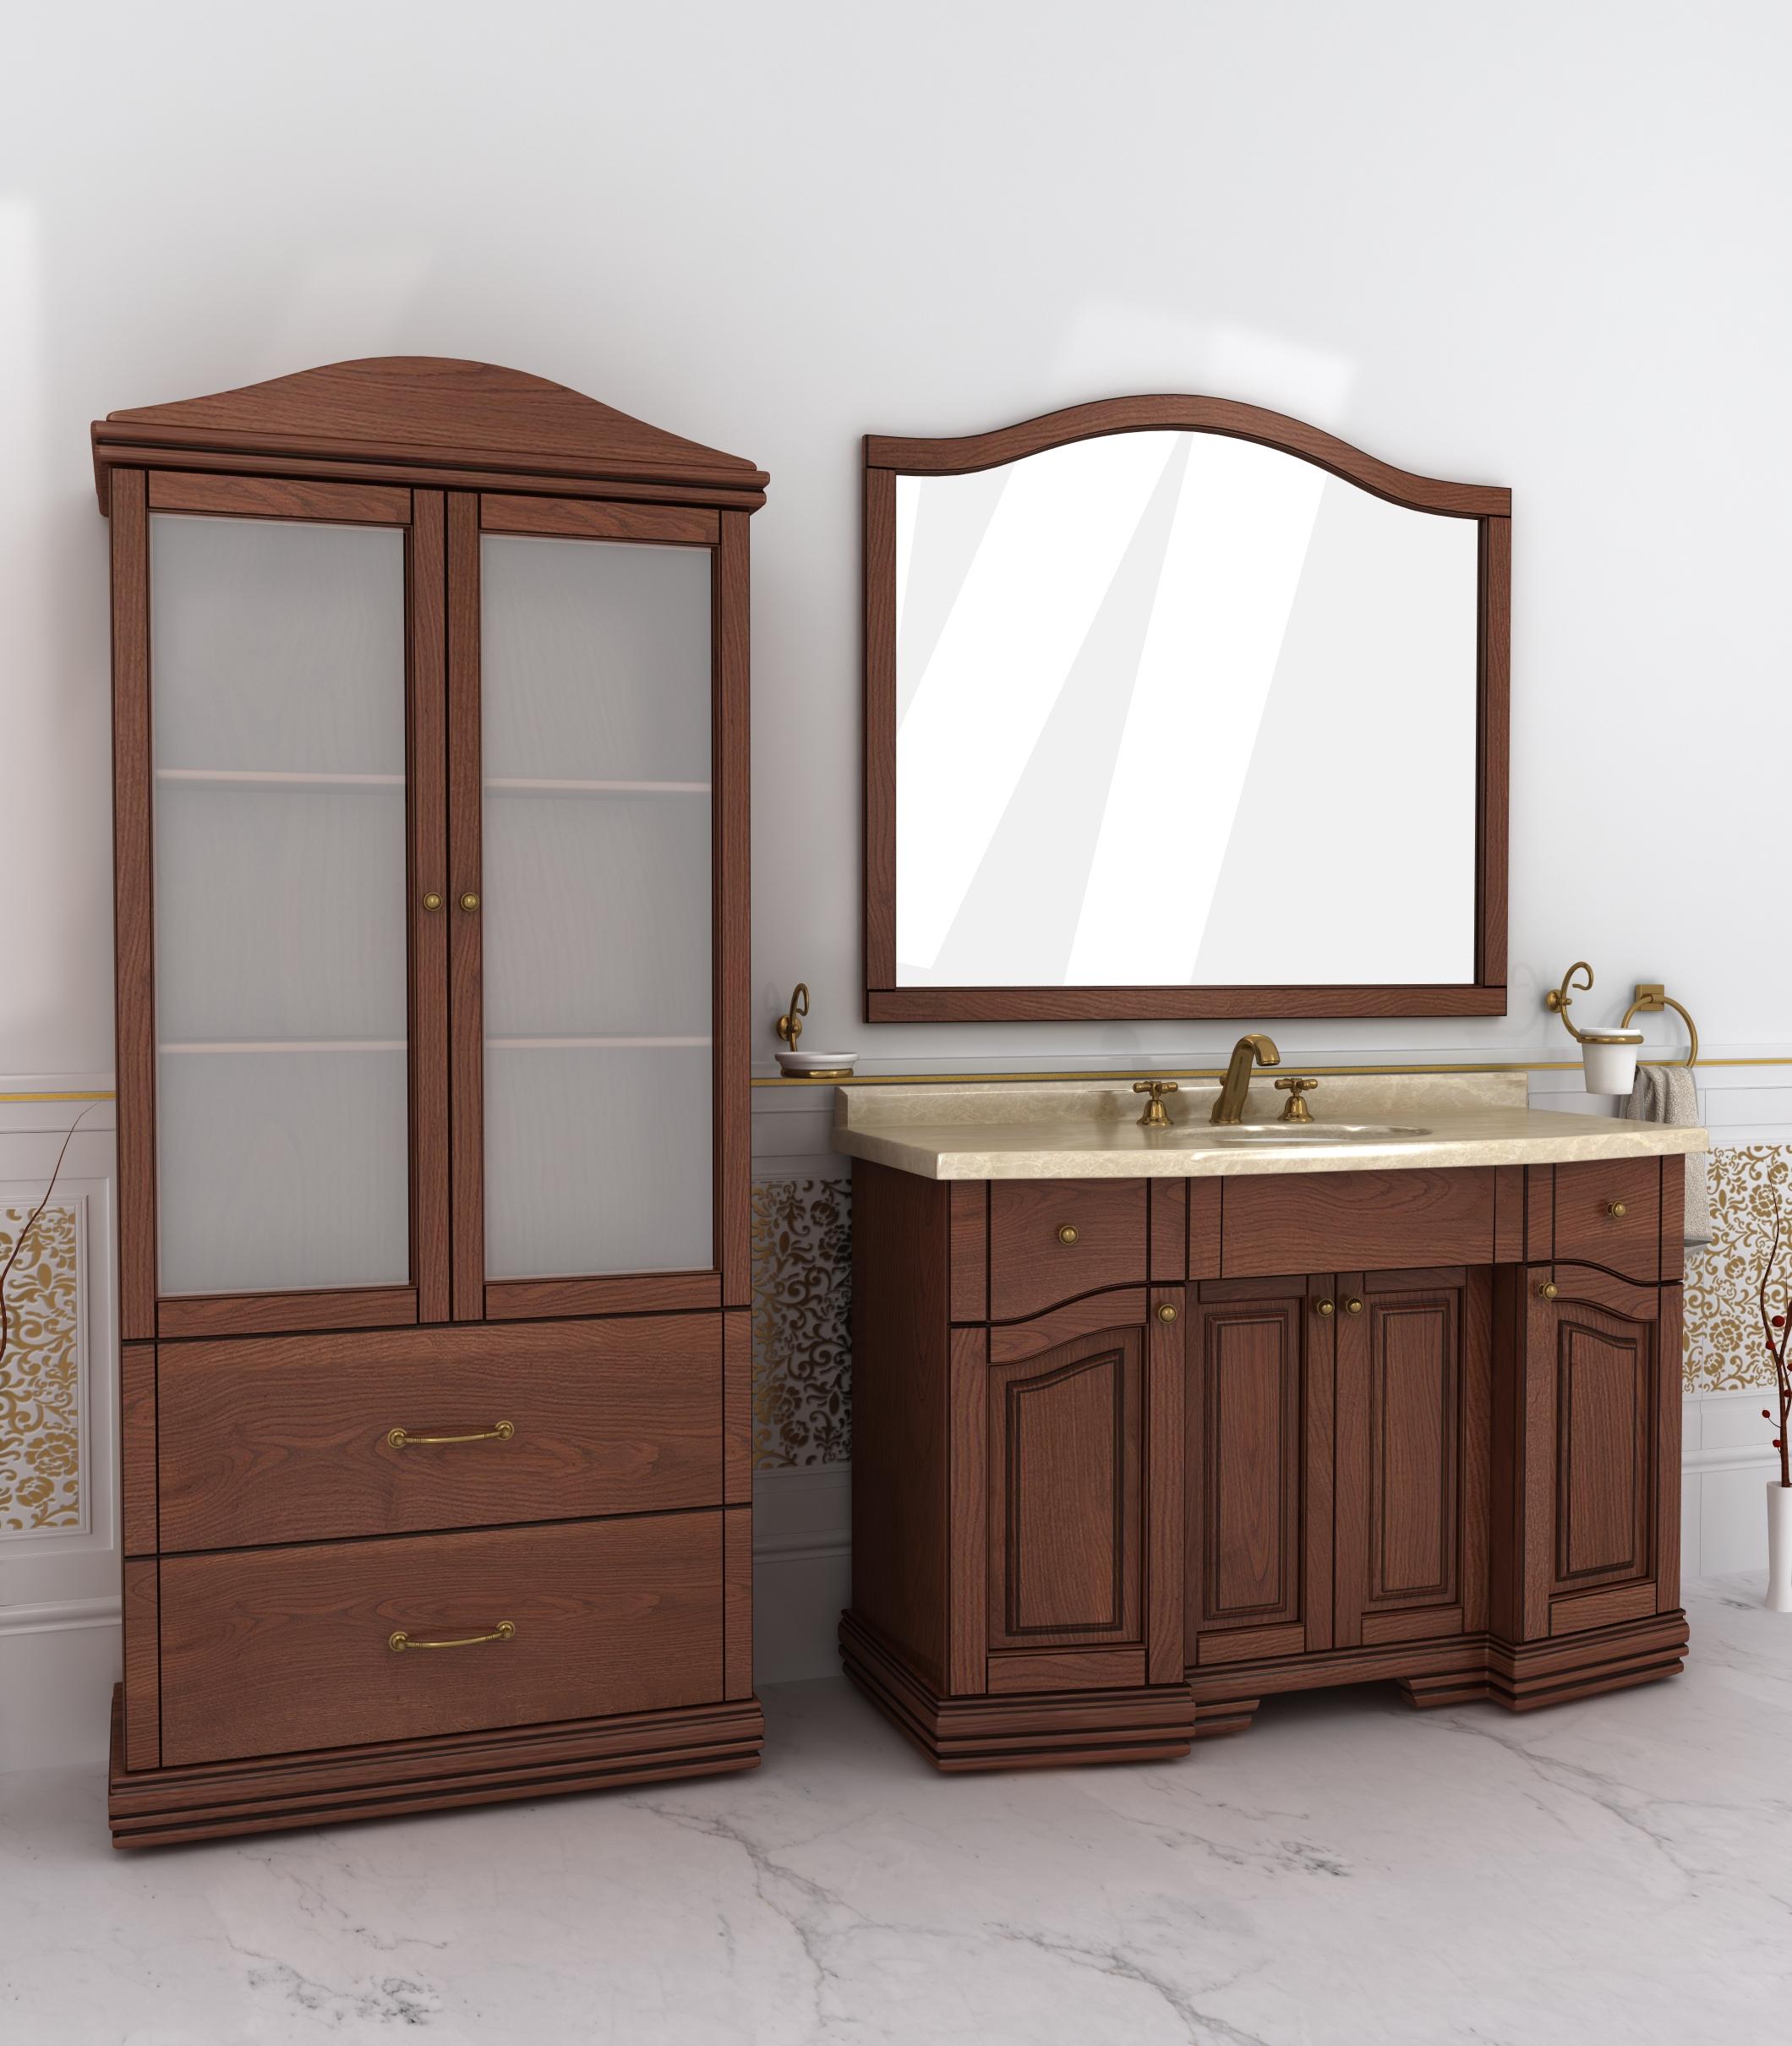 Купить мебель в ванную в Киеве по доступной цене